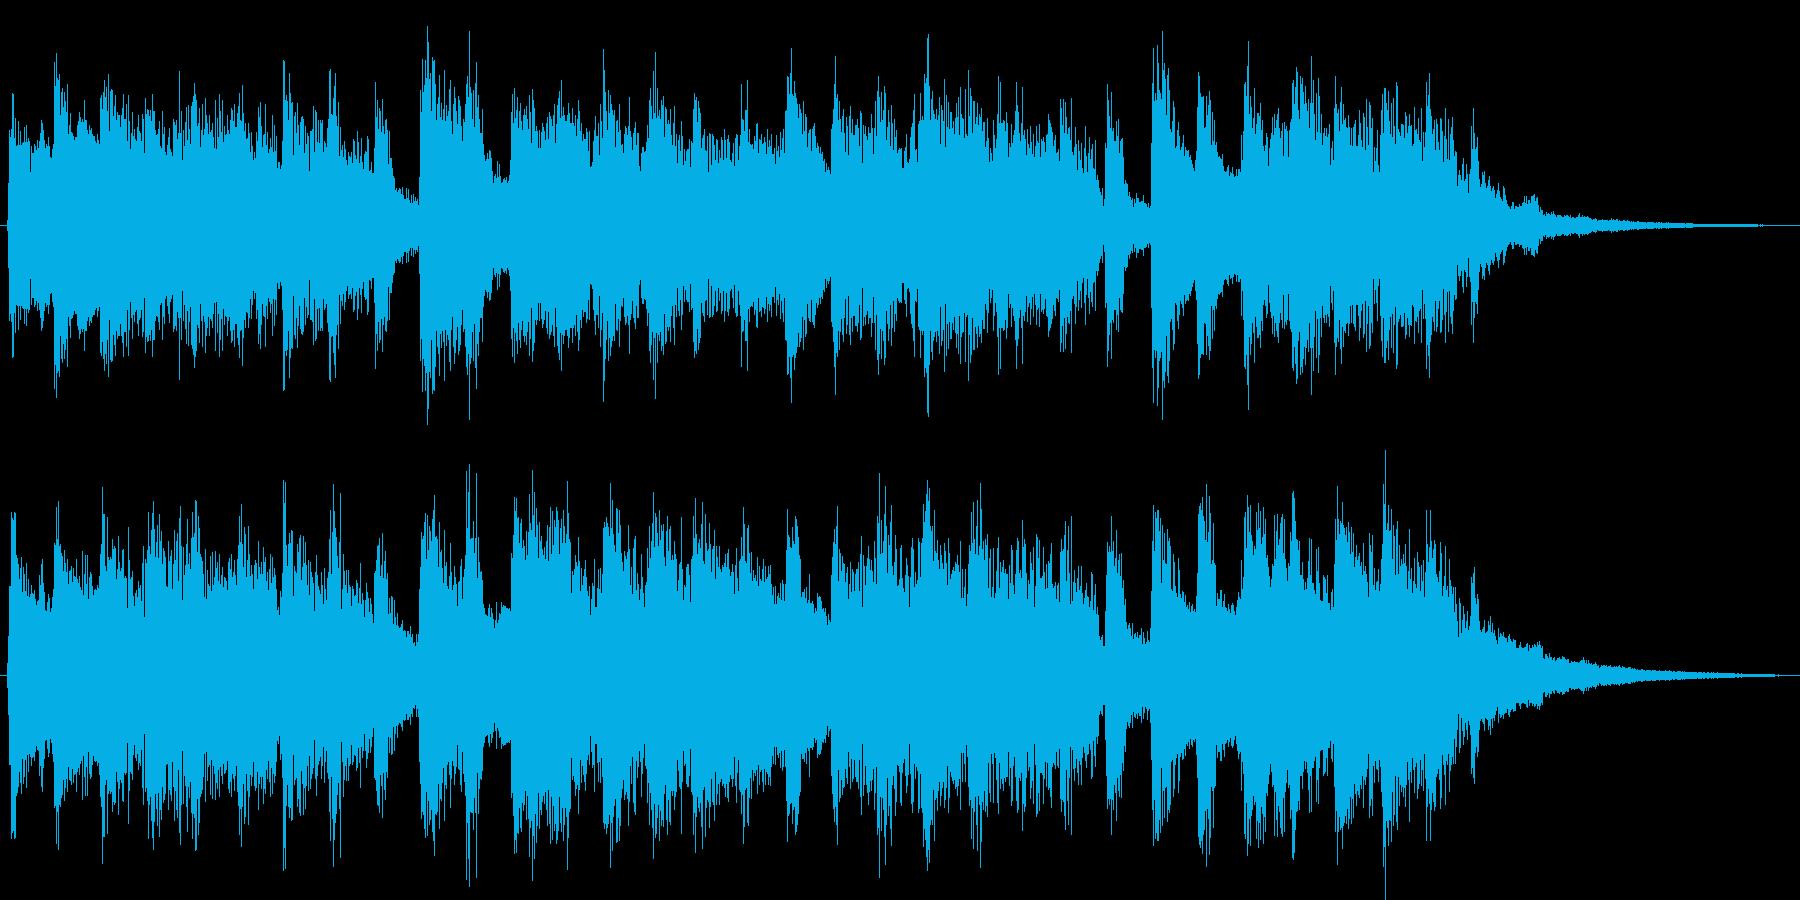 チヤフルなベルが印象的なジングルの再生済みの波形